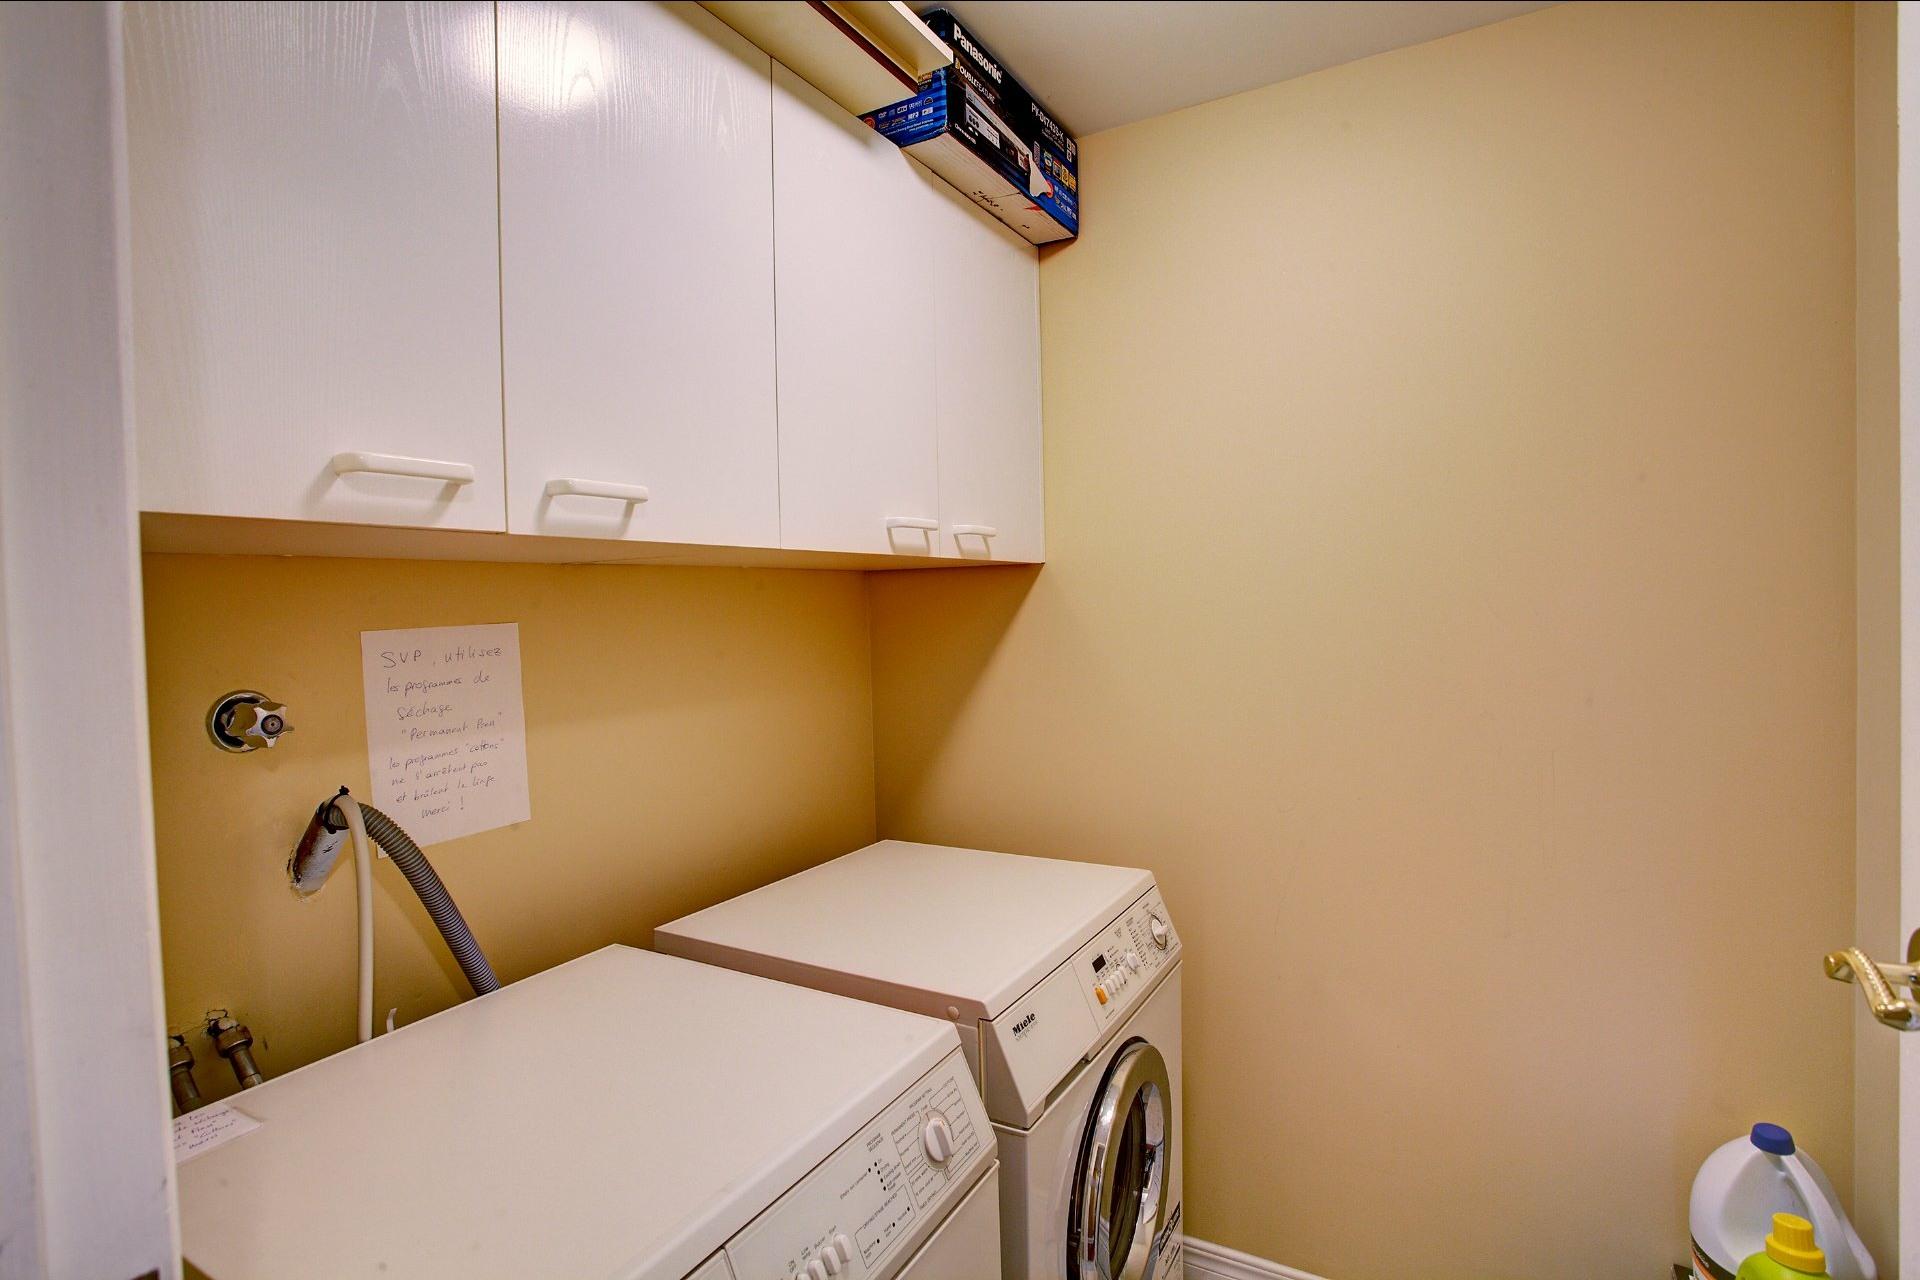 image 14 - Appartement À vendre Ville-Marie Montréal  - 5 pièces